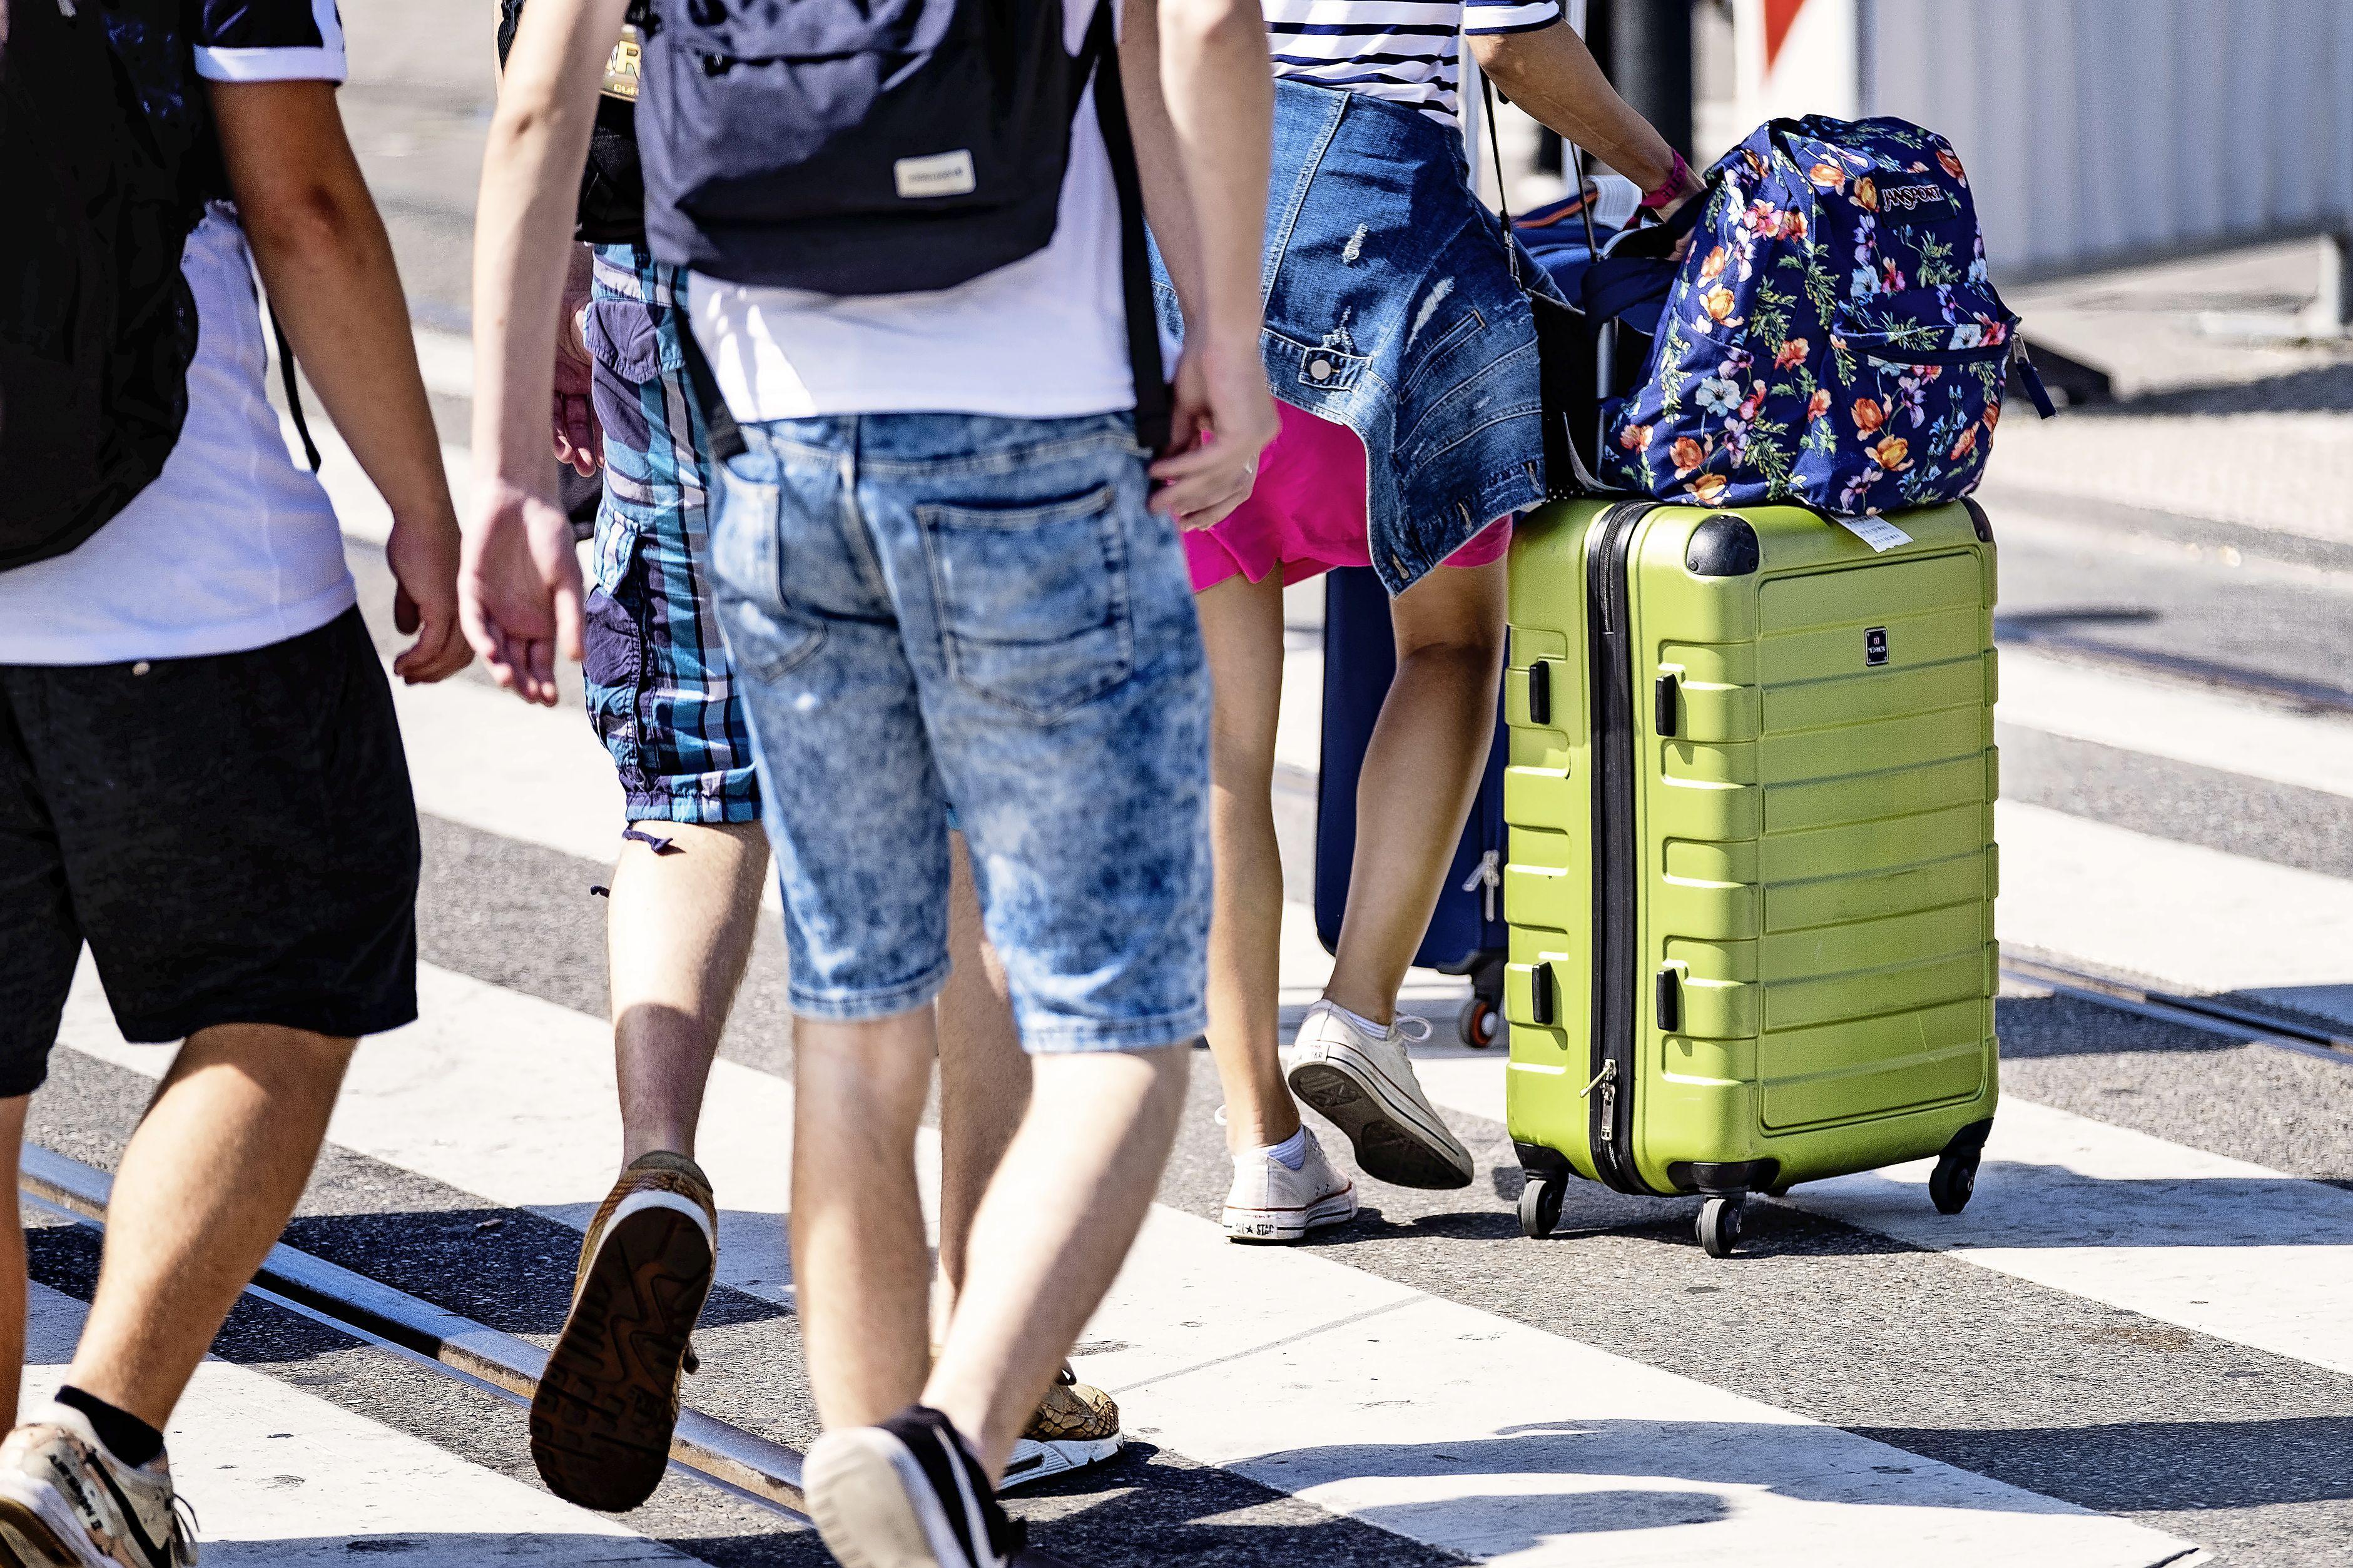 De toeristische verhuur van woningen neemt toe en dat heeft een keerzijde: 'Zandvoort zit te springen om huizen'